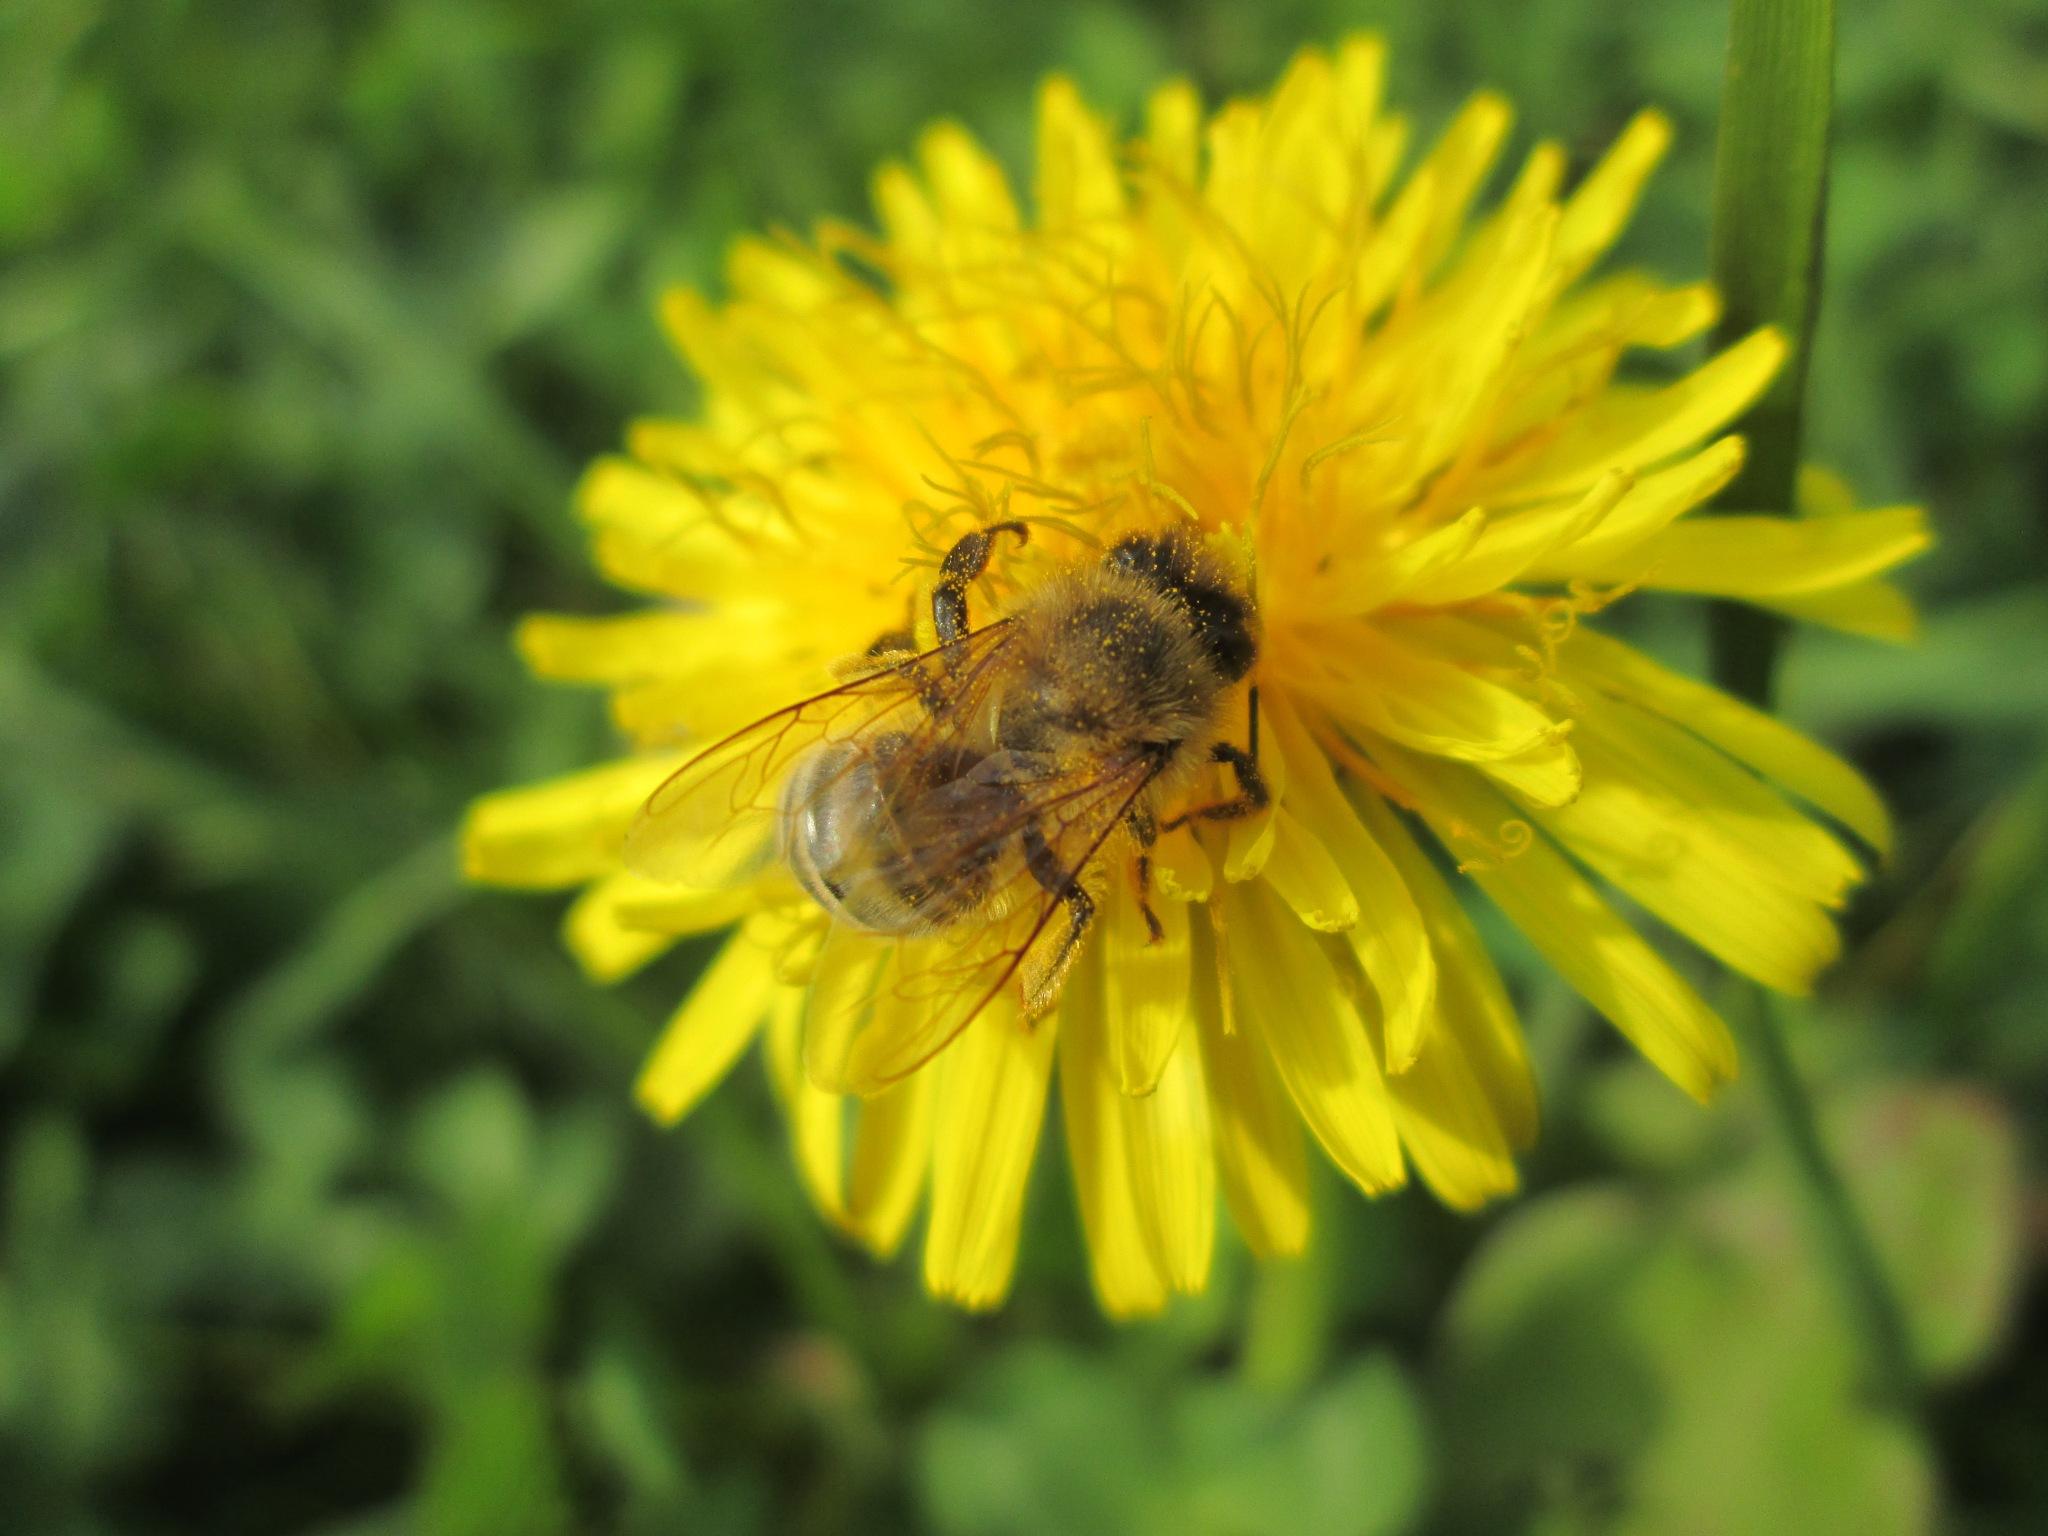 Cvijet maslačka by Lovorka Sadout